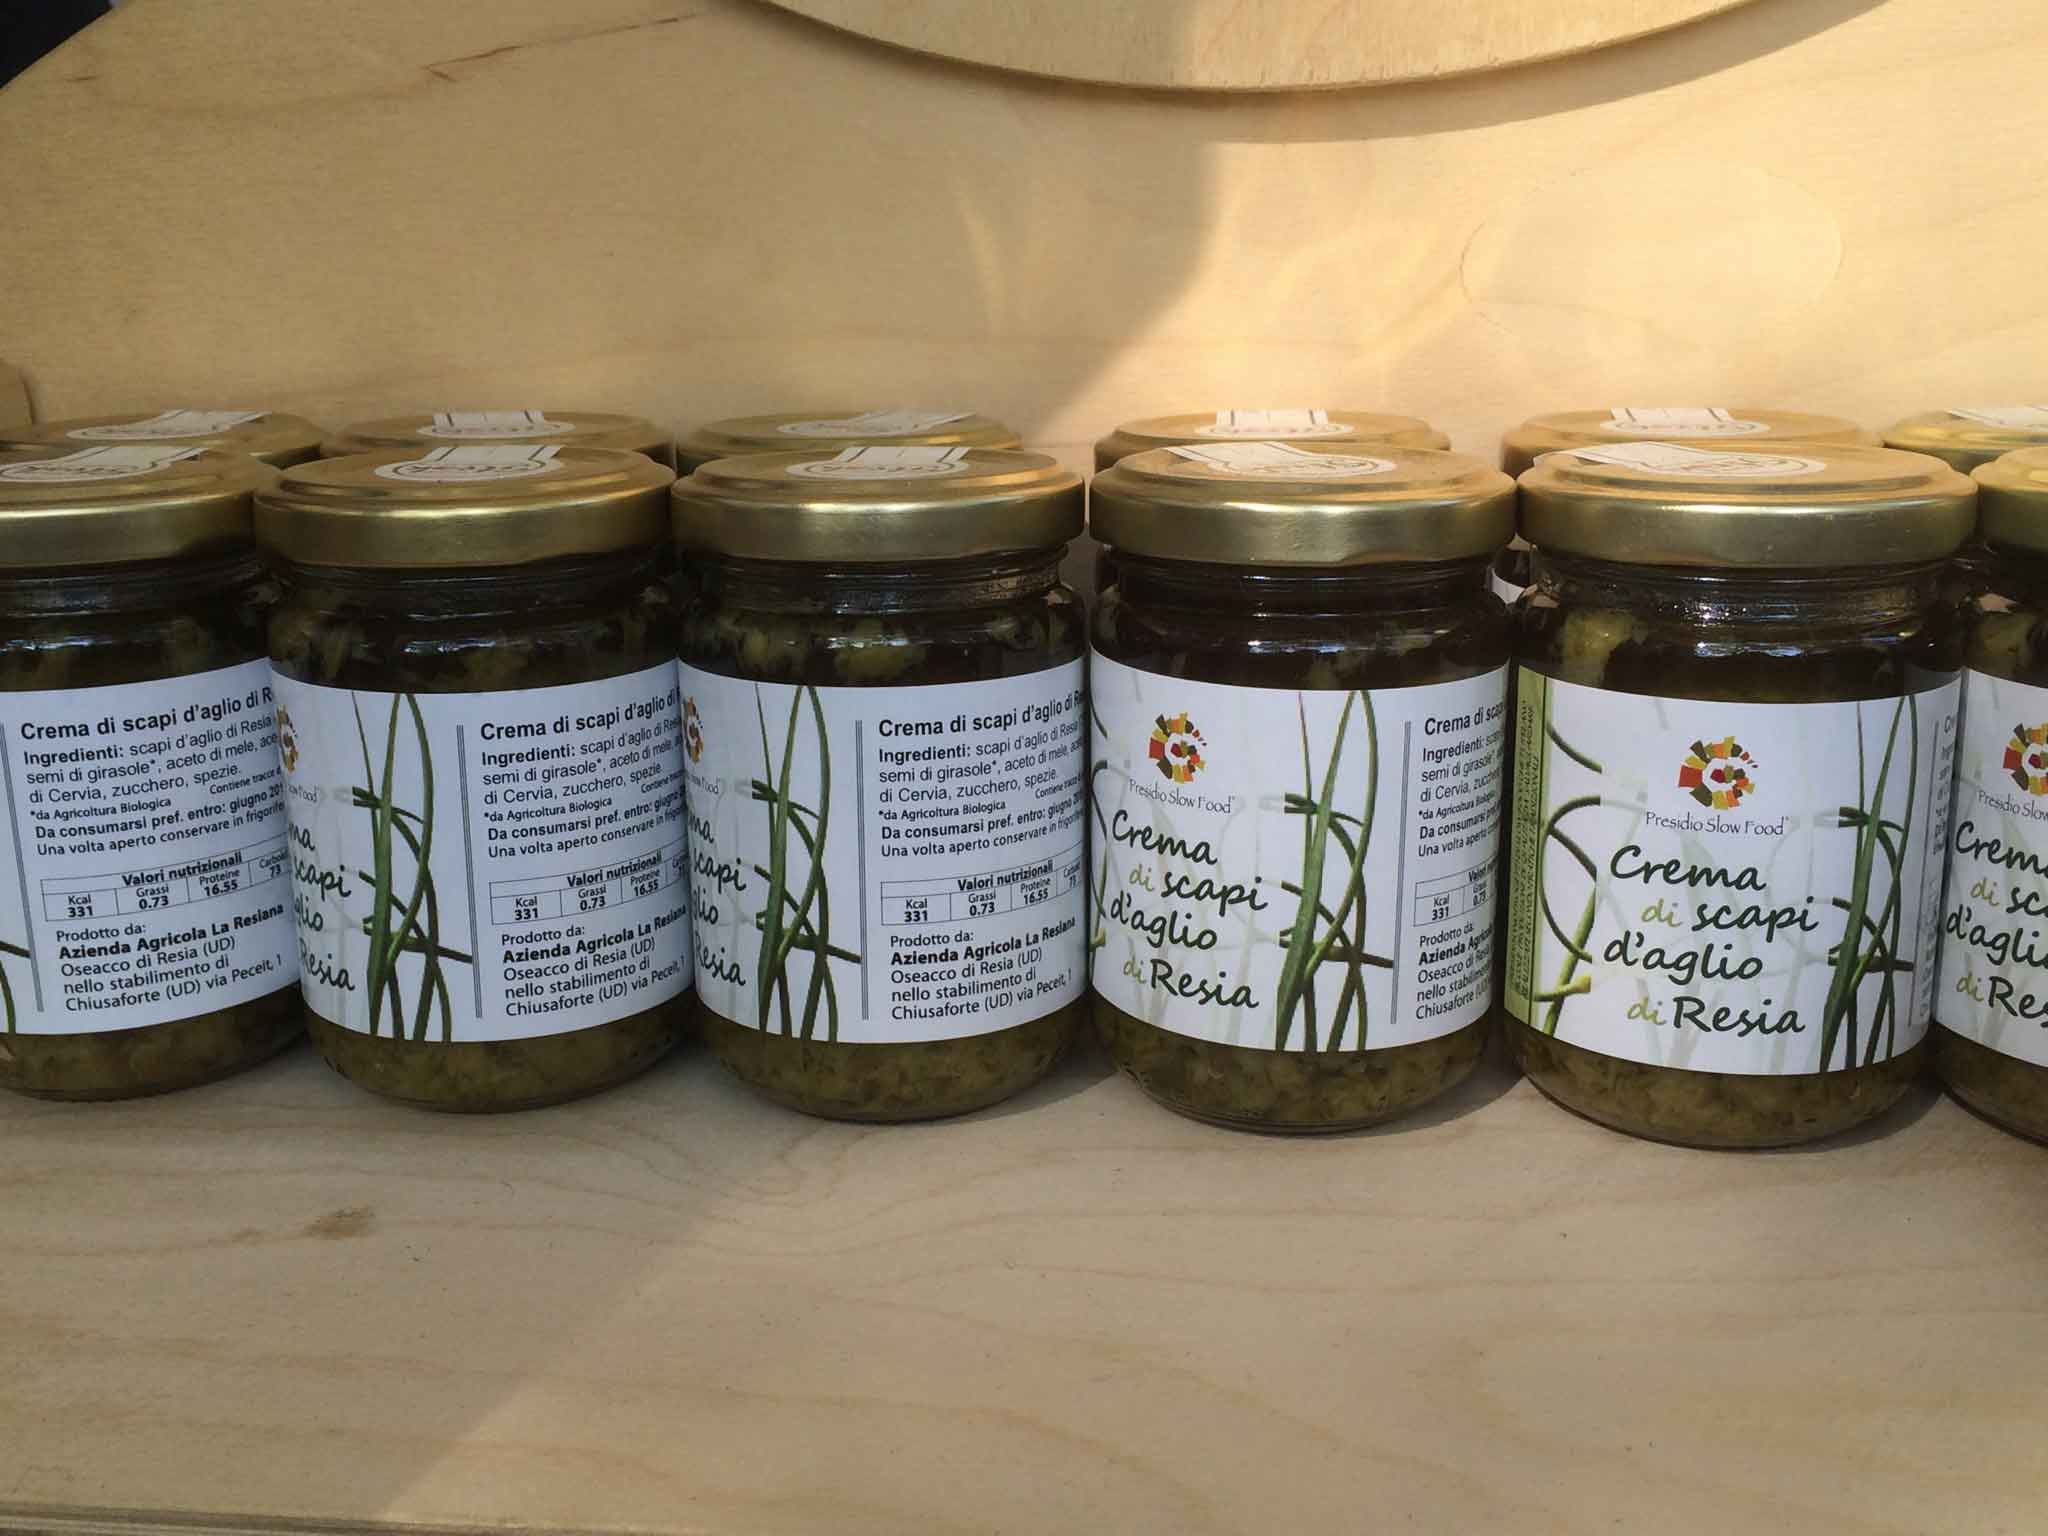 salonedelgusto-aglio-resia